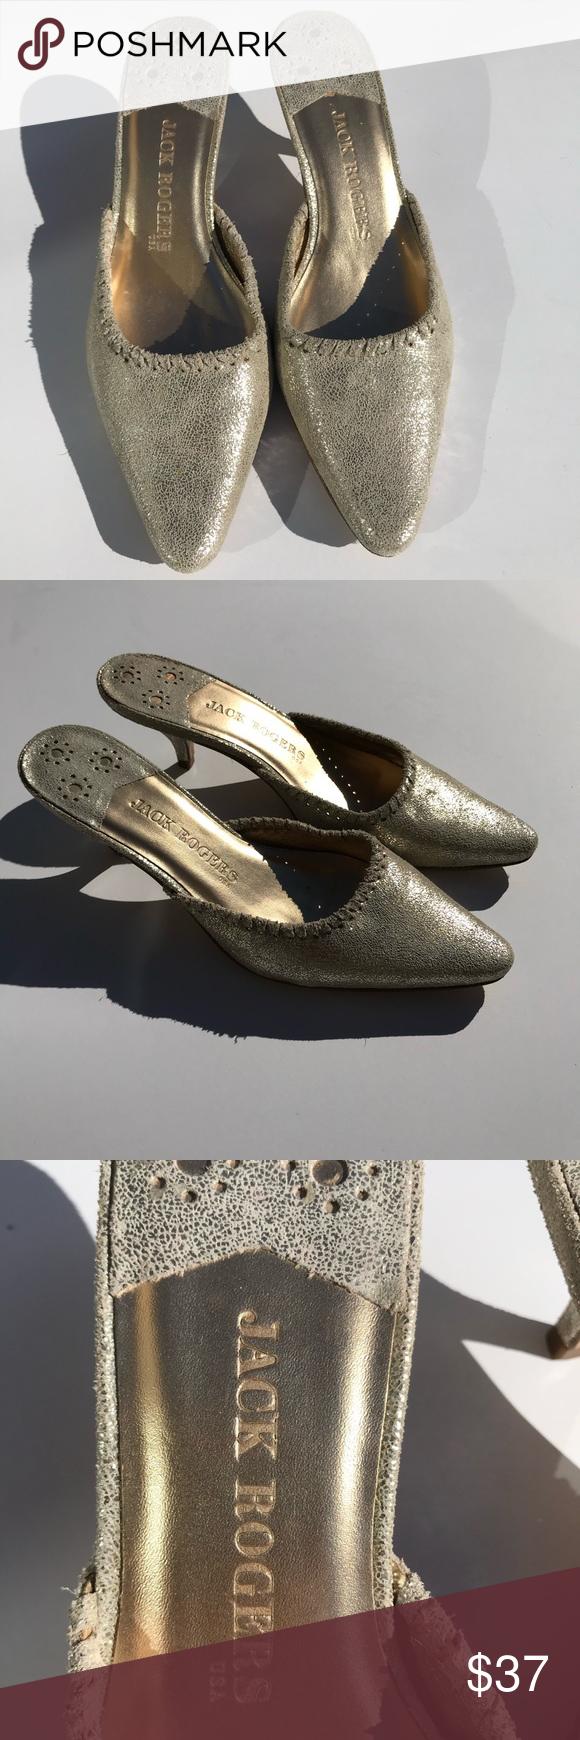 Jack Rogers Gold Metallic Kitten Heel Mule 8 Slip On Stylish Dressy Mule In Great Condition Jack Rogers Shoes In 2020 Jack Rogers Shoes Jack Rogers Gold Heeled Mules